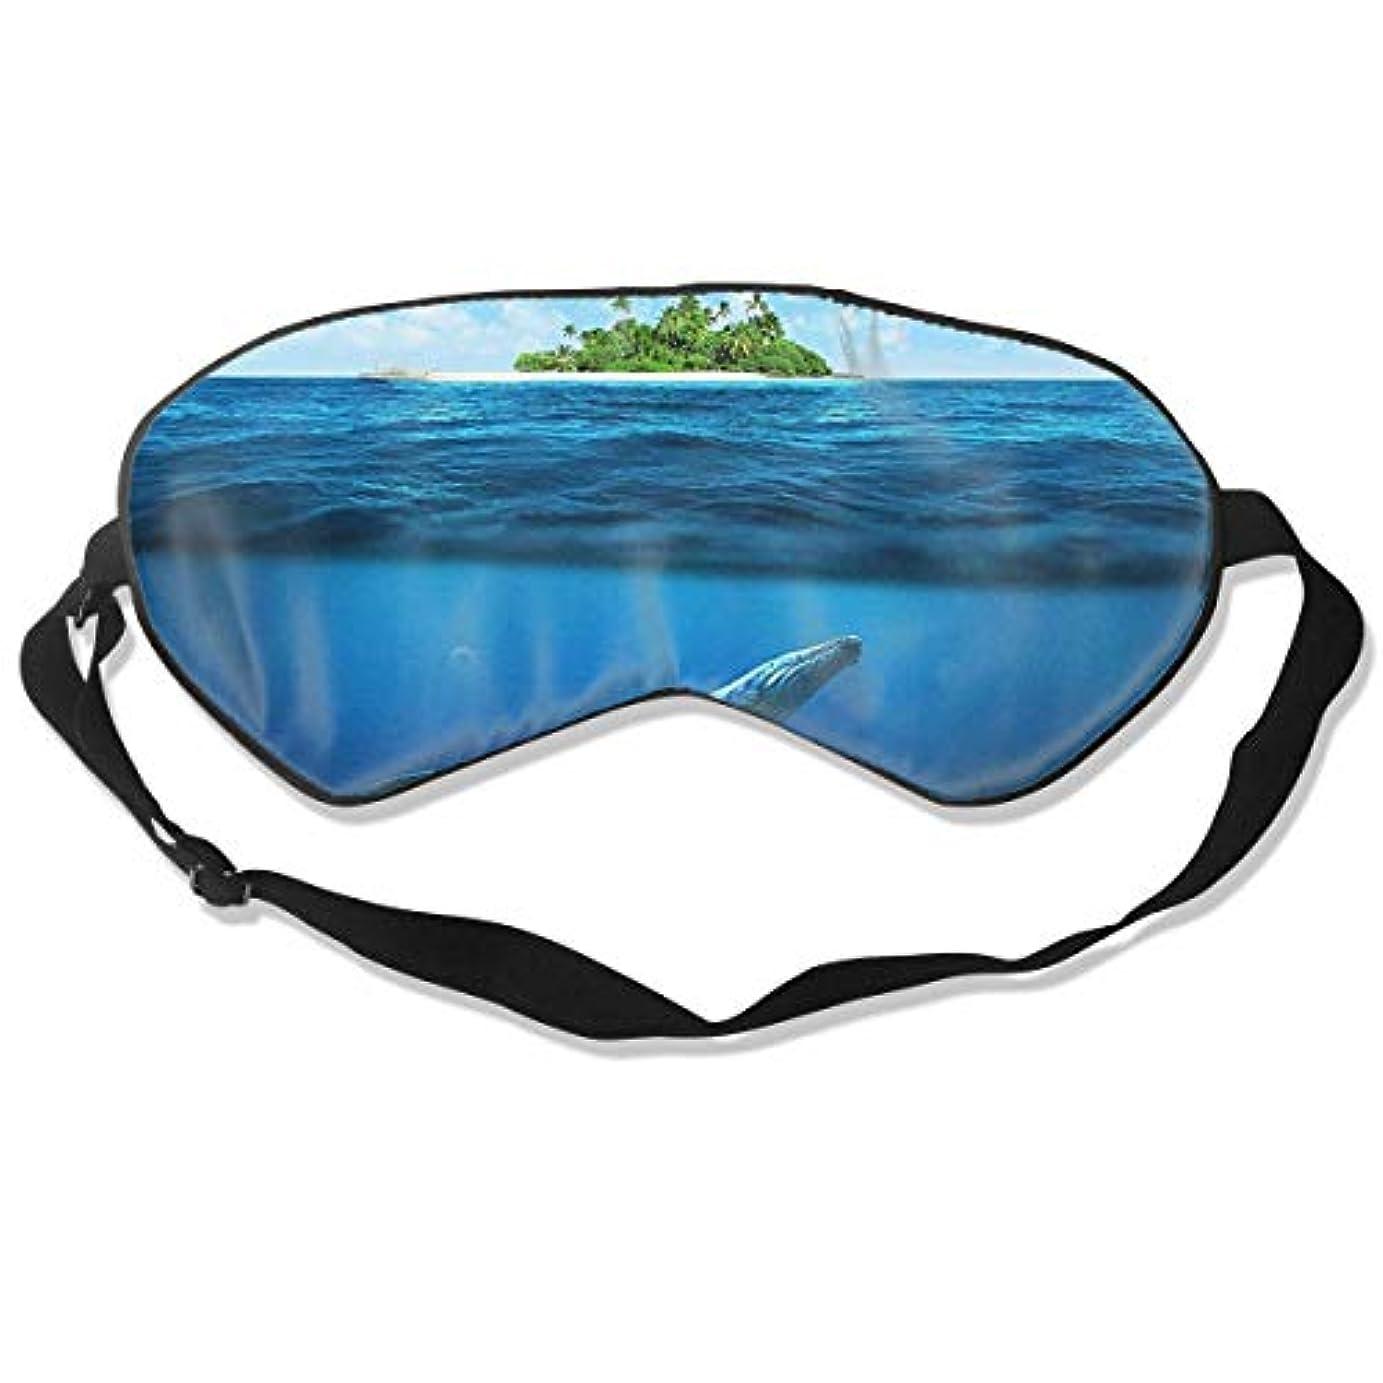 優先巻き戻す解決する通気性のある睡眠マスク、簡単な睡眠、旅行、リラクゼーション、シフトワークのためのスーパーソフトアイマスク(ザトウクジラ-熱帯の島の海)